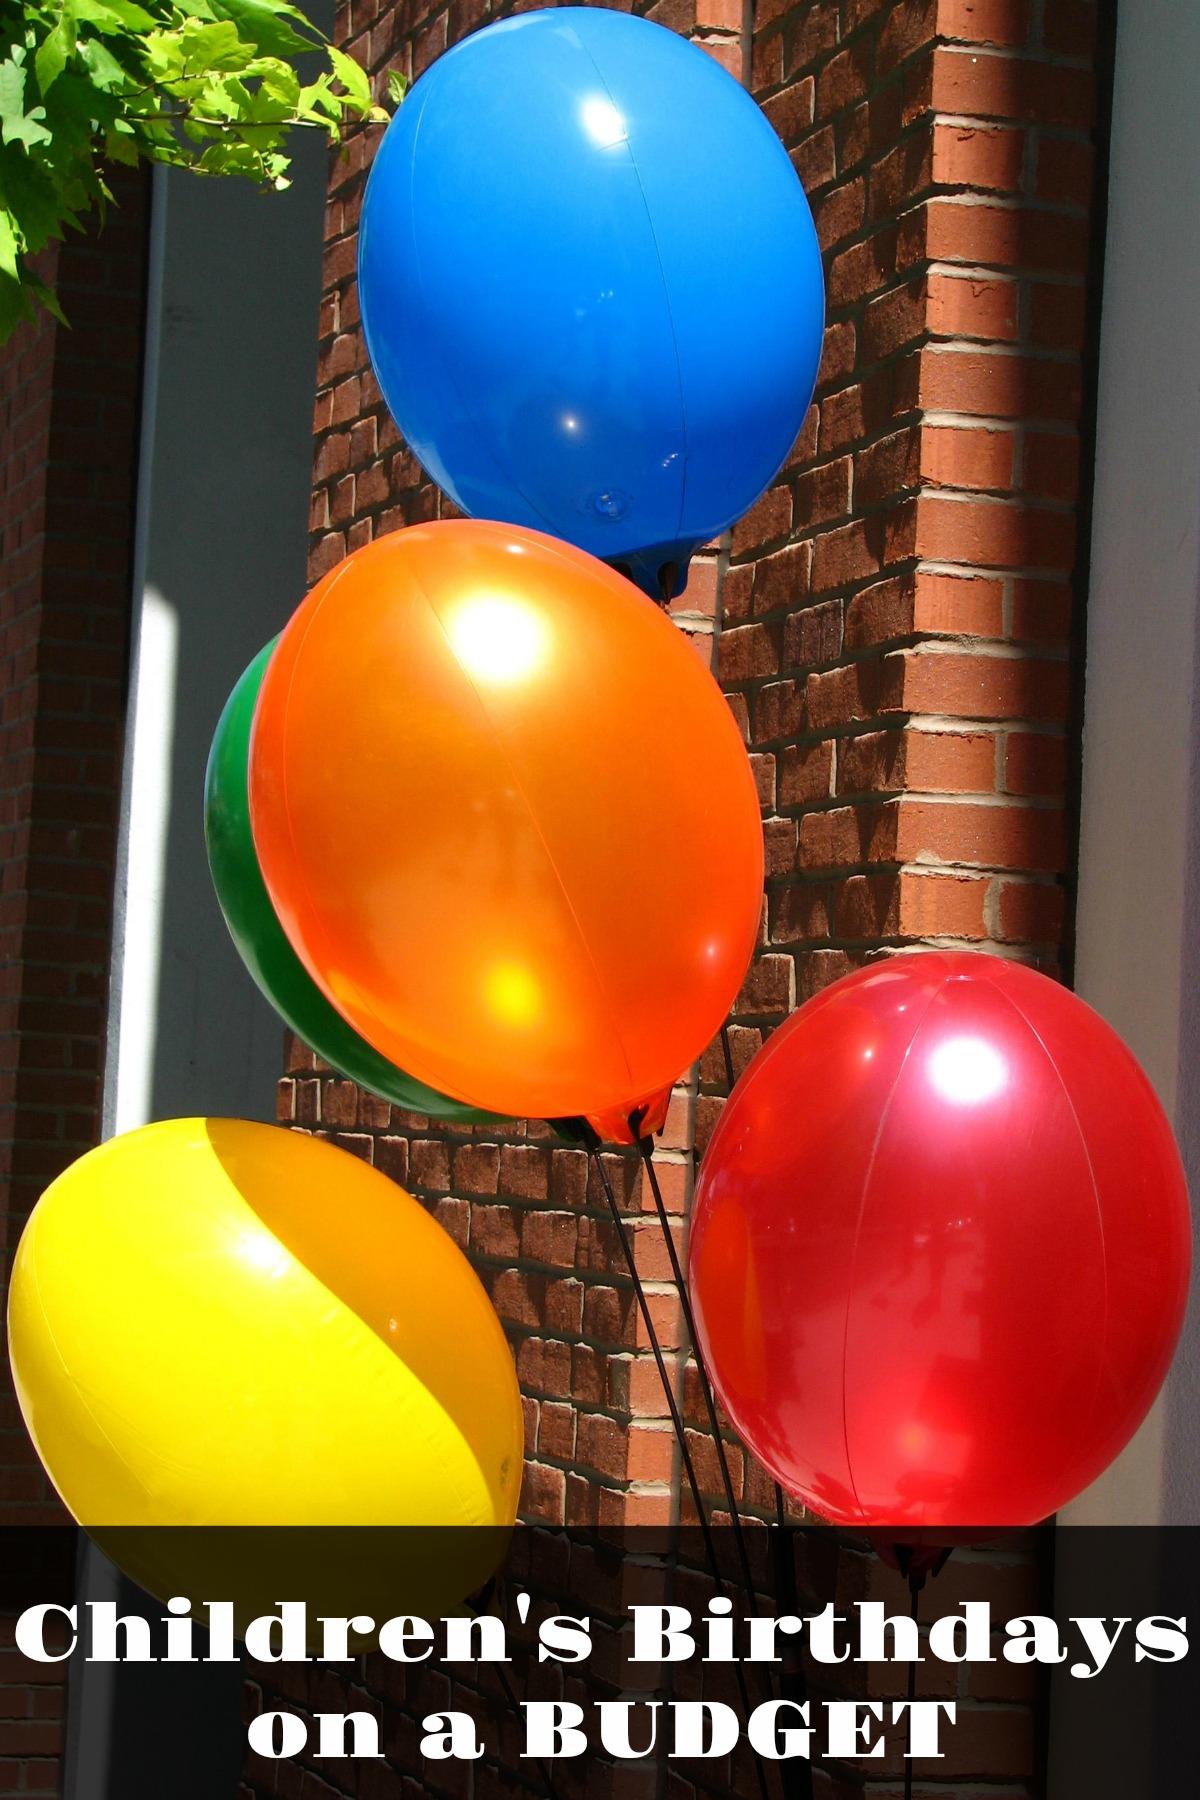 Children's Birthdays on a BUDGET